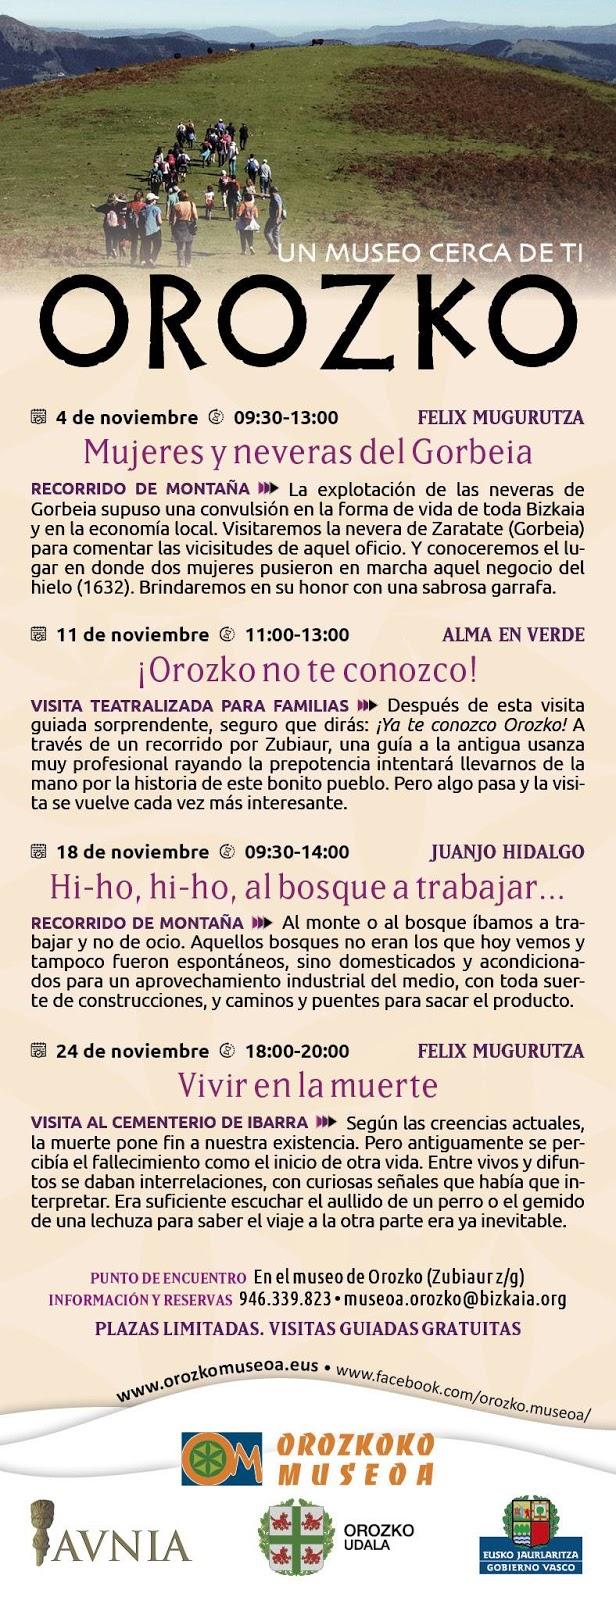 Jornadas del Museo de Orozko. Noviembre 2018.